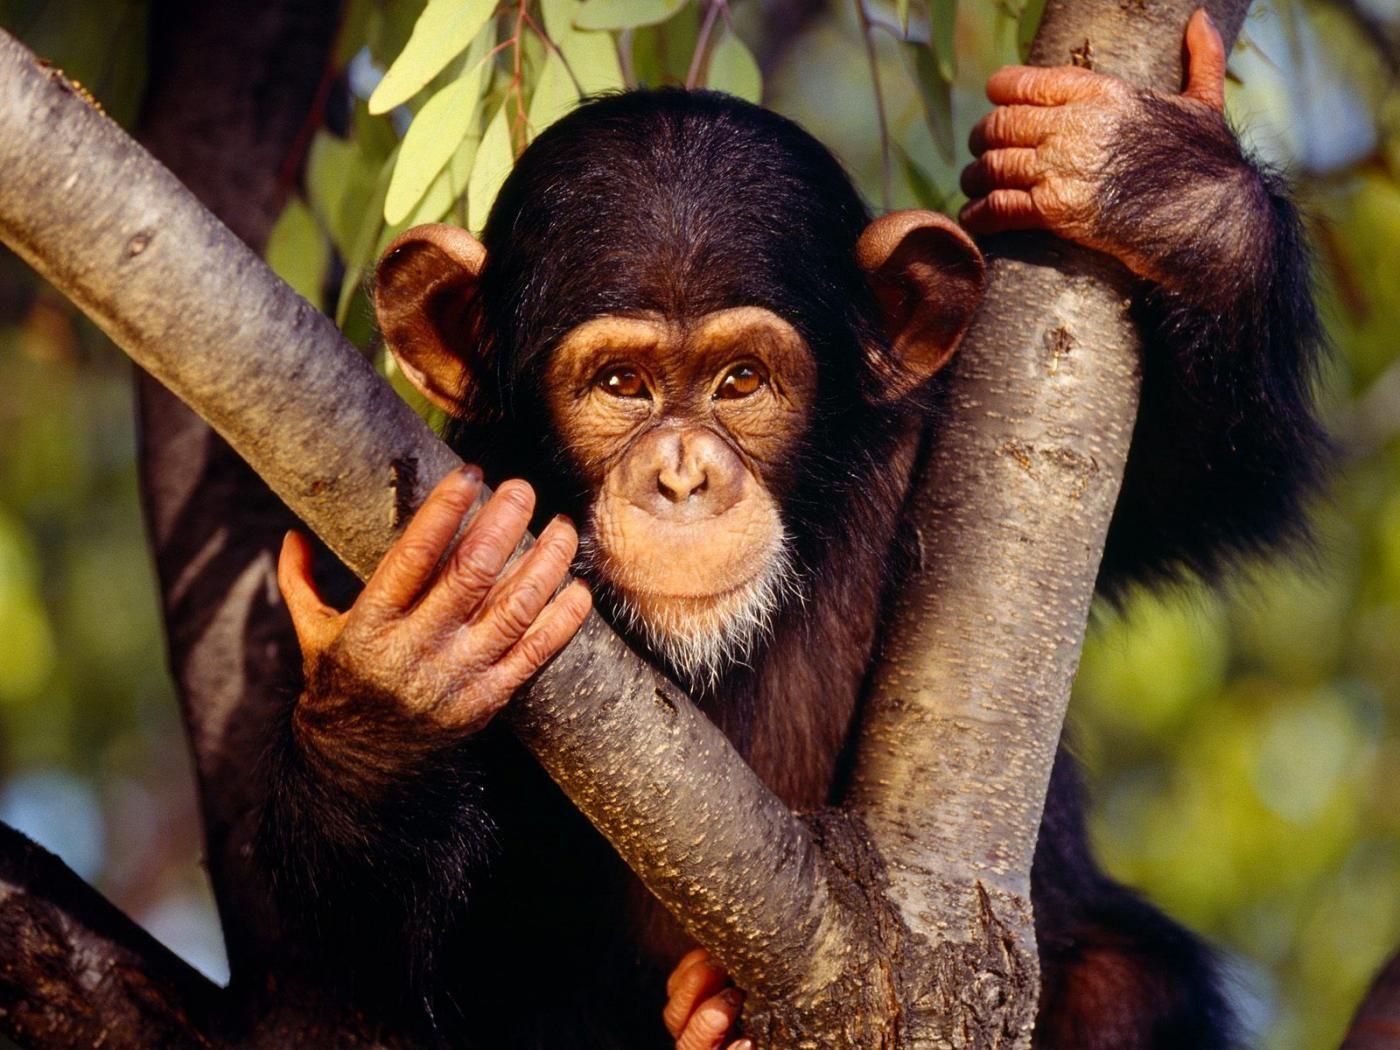 بالفيديو قرود ضالة تقفز على صهريج ماء بـ تحلية وادي بن هشبل Monkey Types Of Monkeys Chimpanzee